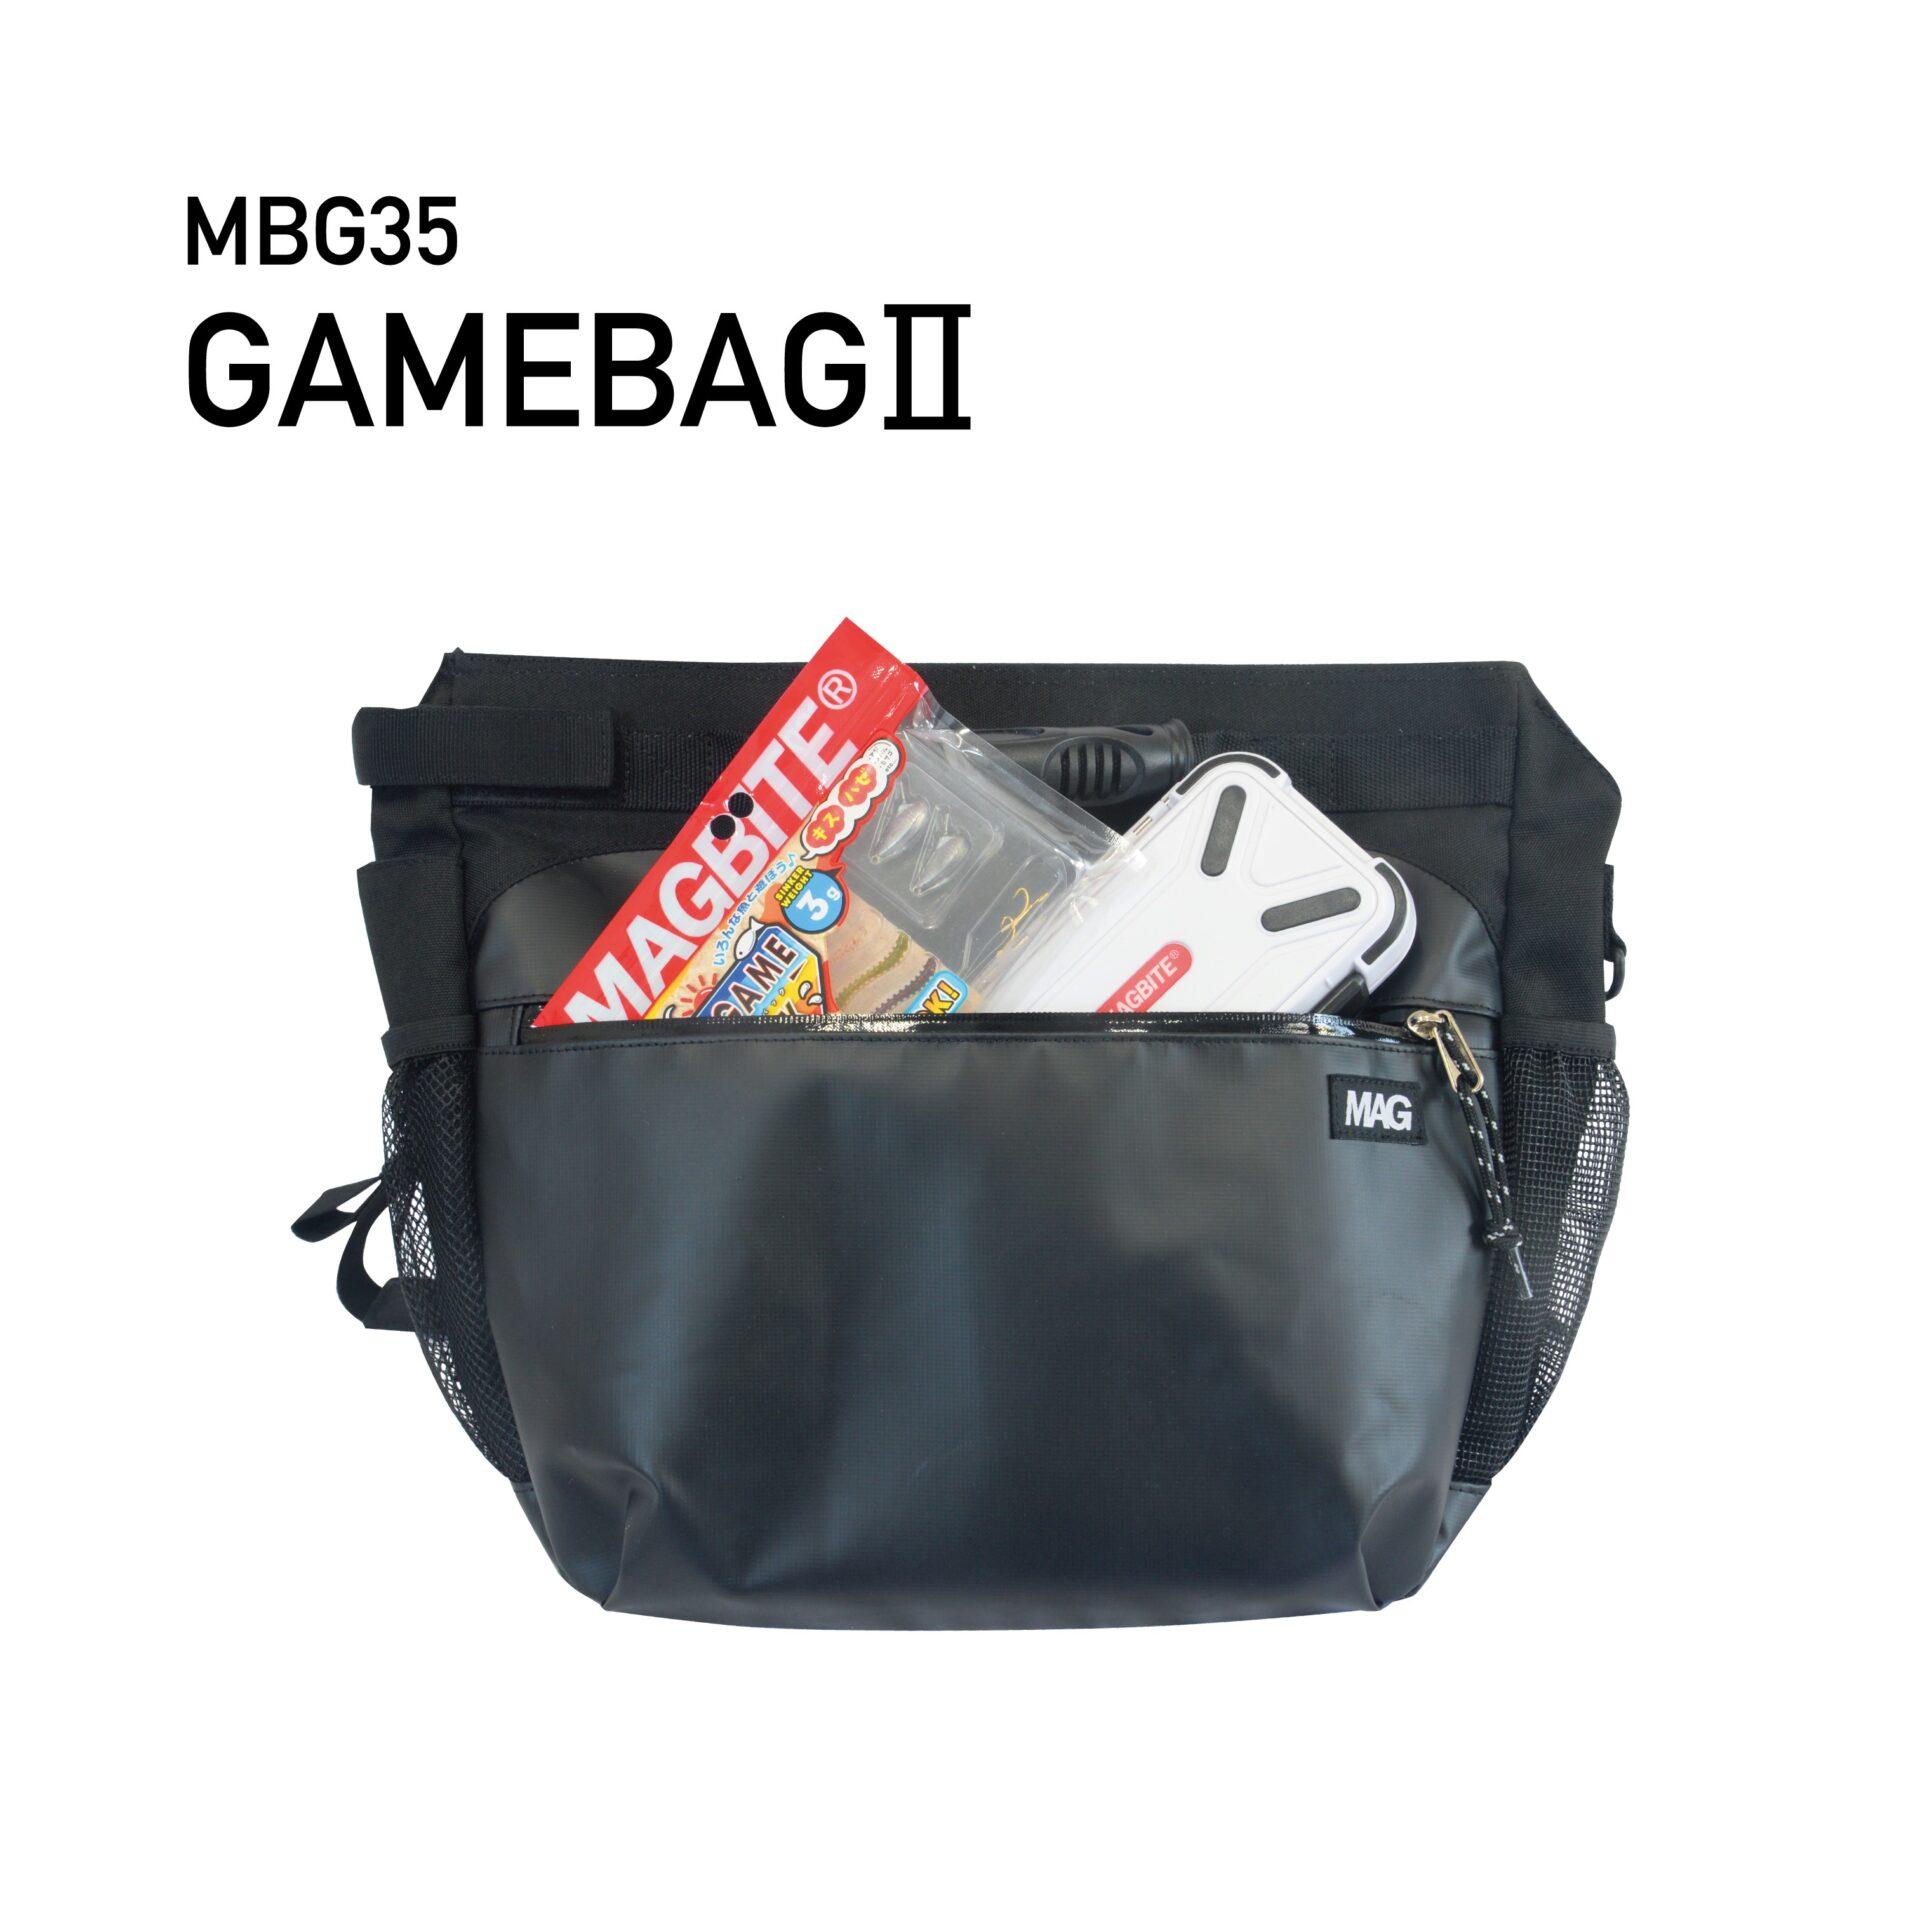 ゲームバッグⅡ